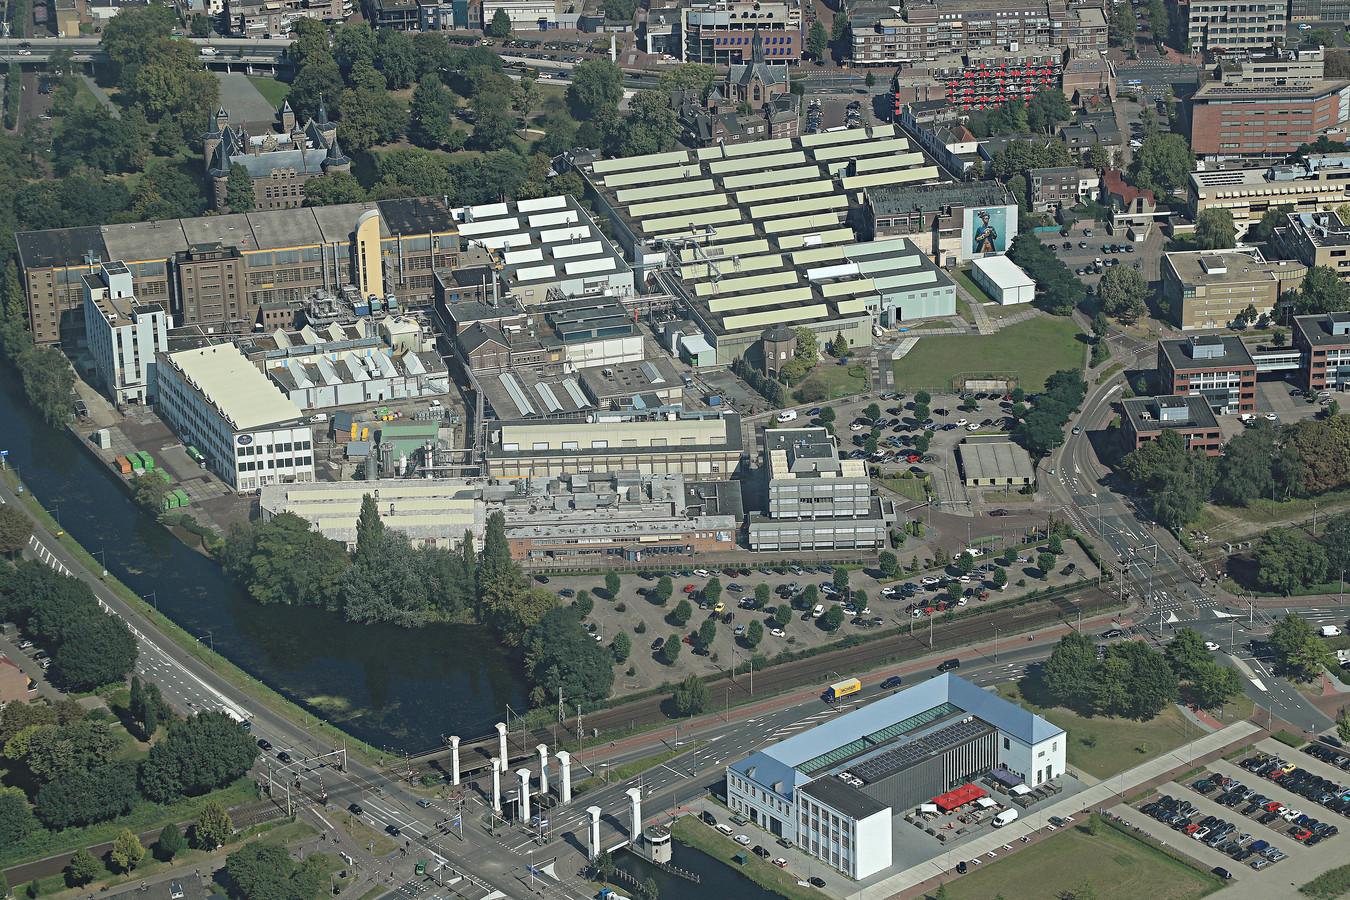 Textielfabriek Vlisco bestrijkt in het centrum van Helmond een serieuze plak grond.